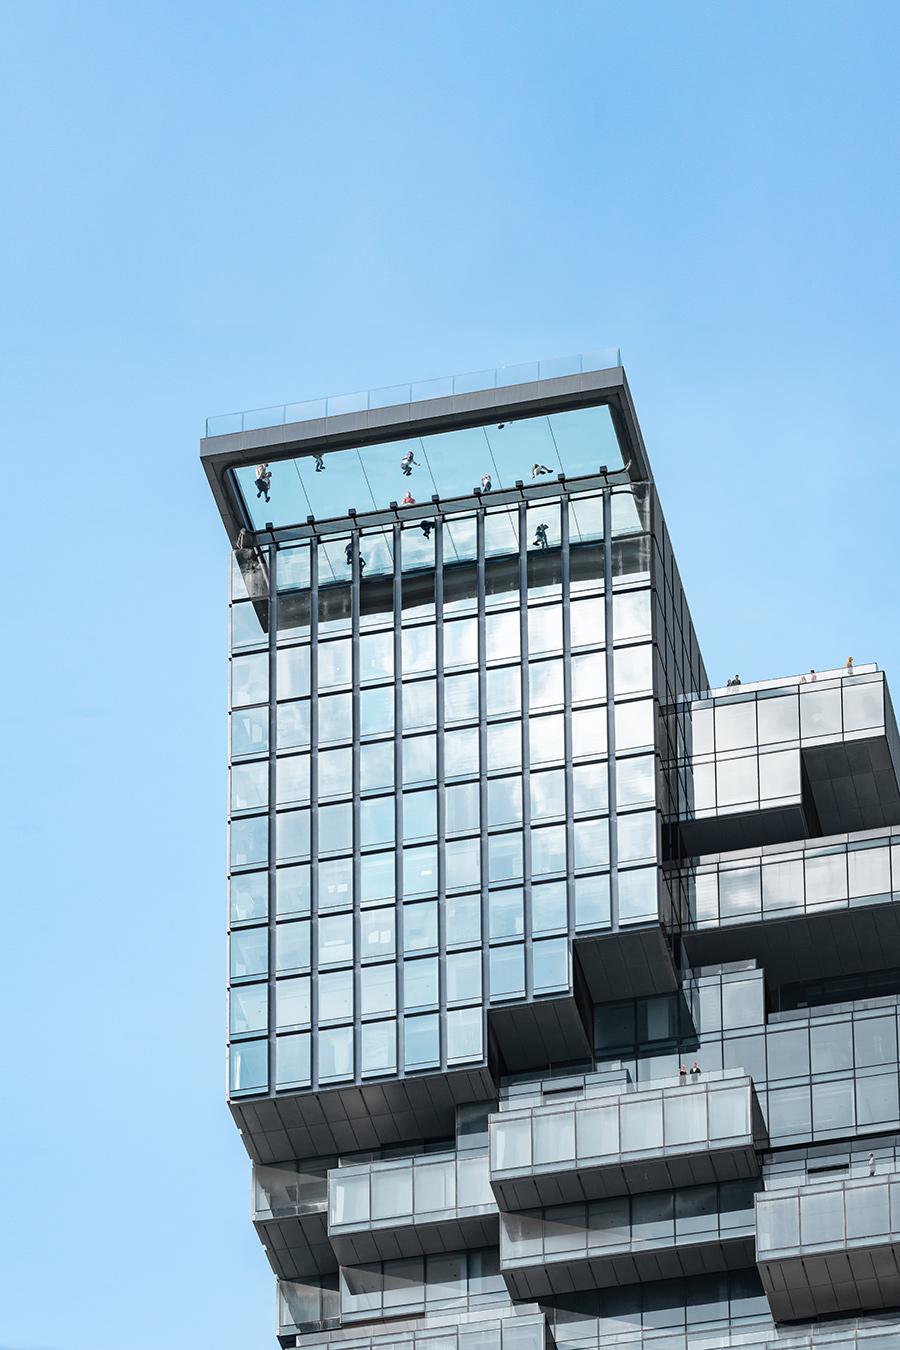 MahaNakhon glass observation deck Ole Scheeren